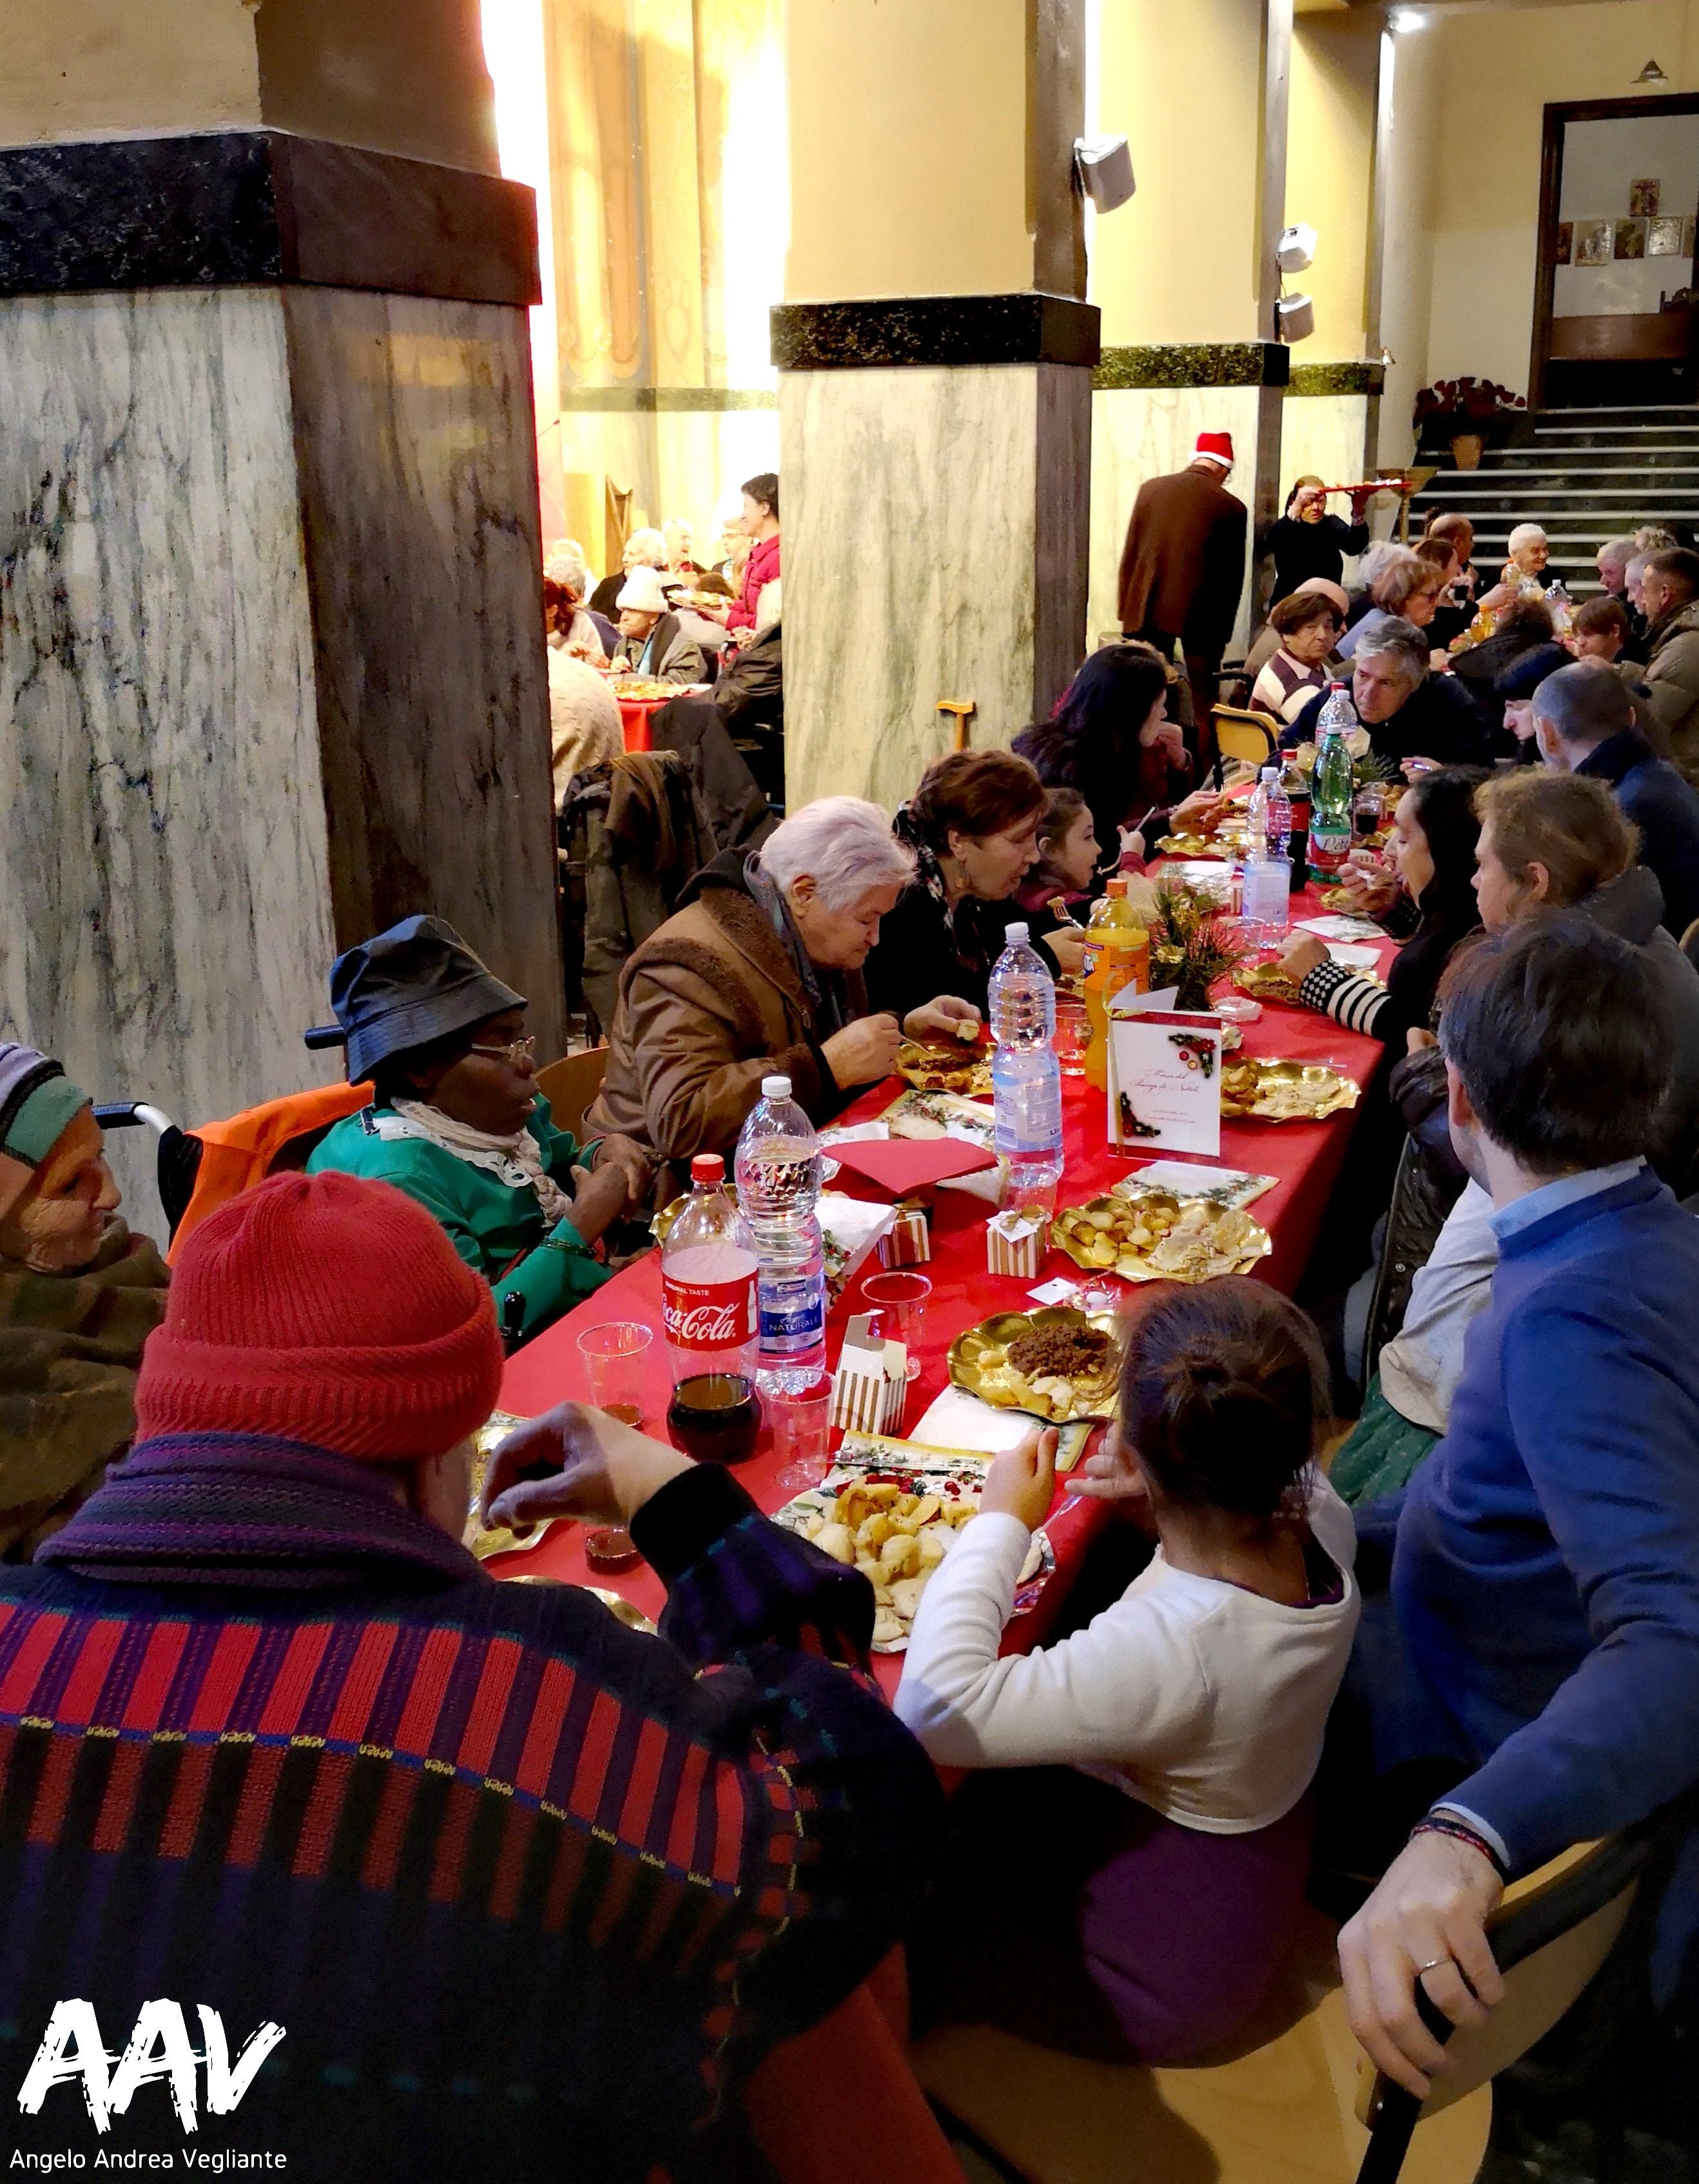 comunità sant'egidio-angelo andrea vegliante-colui che veglia-pranzo di natale-sant'egidio-ostia lido